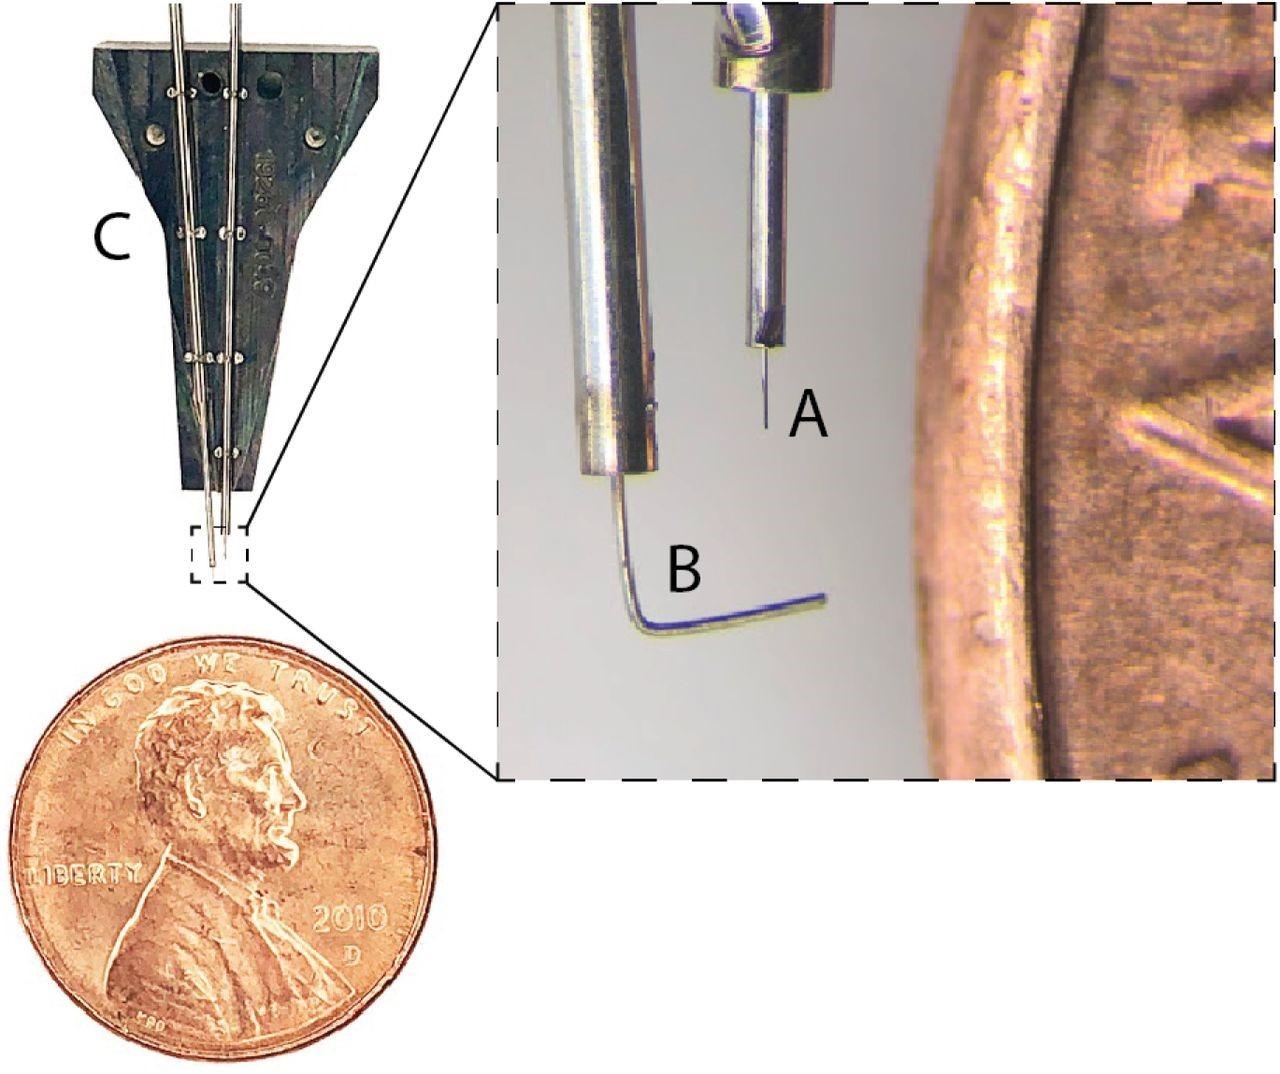 Dettaglio della cartuccia (ricambiabile in meno di 10 minuti) in dotazione al robot sviluppato dal team Neuralink. Un ulteriore ingrandimento rivela: A. l'ago sottilissimo che inserisce gli elettrodi con precisione millimetrica e B. la guida per mantenere gli elettrodi in posizione durante l'inserimento.